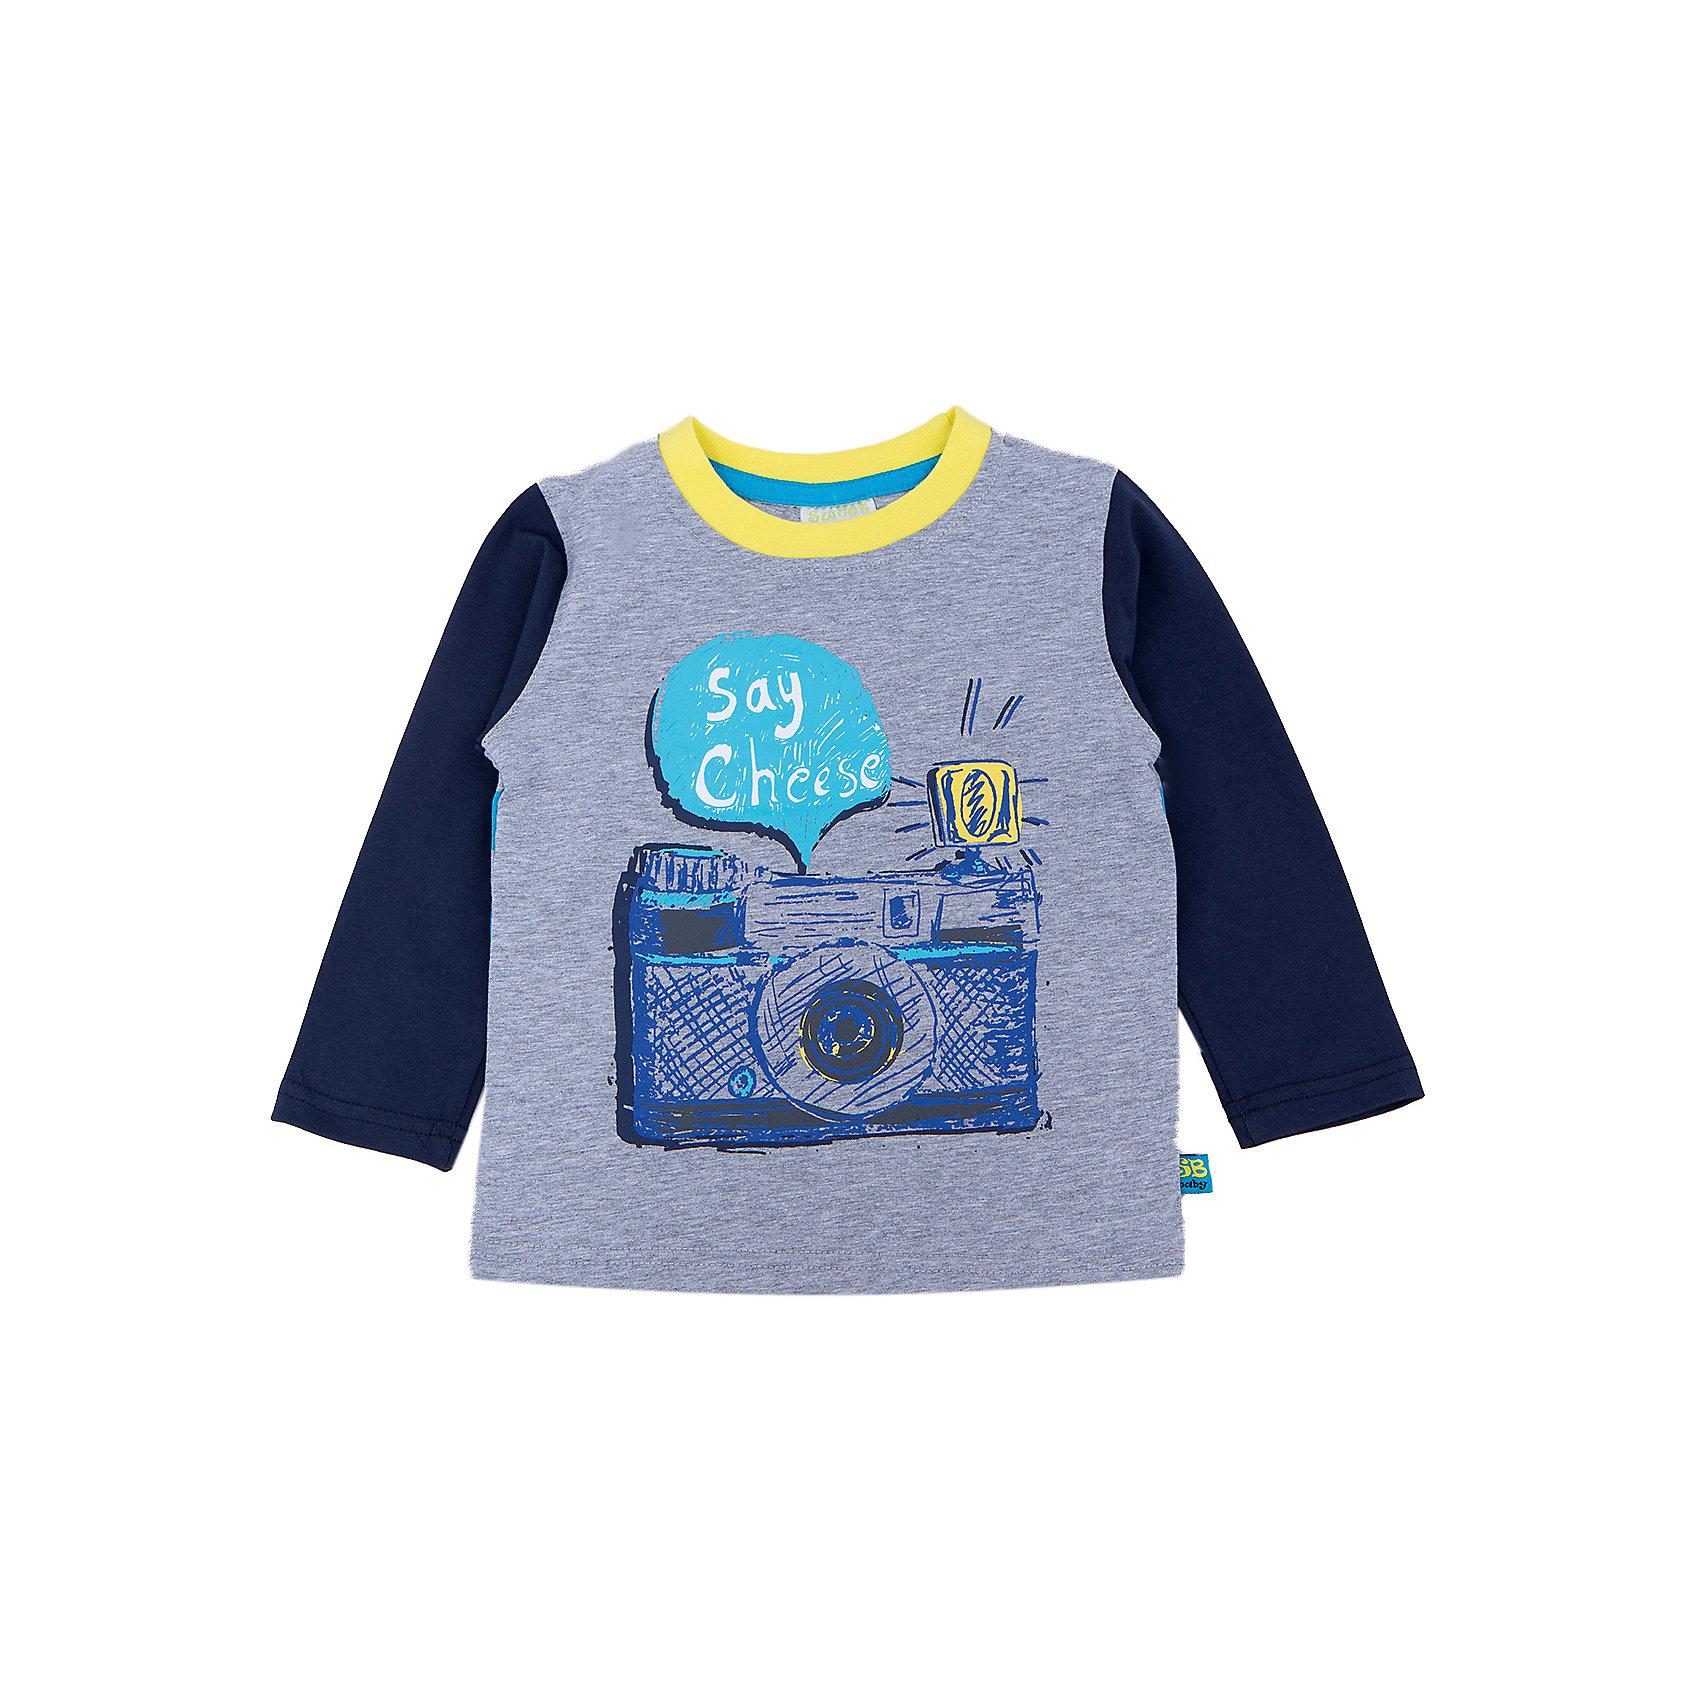 Футболка с длинным рукавом для мальчика Sweet BerryЯркая  и стильная футболка с длинным рукавом для мальчиков торговой марки Sweet Berry . Горловина модели выполнена  из эластичной трикотажной резинки контрастного цвета. Рукава - из контрастного трикотажа.  Футболка украшена модным принтом и имеет насыщенную расцветку. Такая стильная футболка торговой марки Sweet Berry будет прекрасным дополнением к гардеробу Вашего ребенка.<br><br> Дополнительная информация:<br><br>- комплектация: лонгслив<br>- материал: 95% хлопок 5% эластан<br>- коллекция: осень-зима 2016<br>- сезон: зима<br>- пол: для мальчиков<br>- возраст: детский<br>- цвет: серый. <br>- размер упаковки (дхшхв), 20 * 15 * 1 см<br>- вес в упаковке, 90 г<br><br>Футболку с  длинным рукавом  для мальчика торговой марки Sweet Berry можно купить в нашем интернет-магазине<br><br>Ширина мм: 230<br>Глубина мм: 40<br>Высота мм: 220<br>Вес г: 250<br>Цвет: серый<br>Возраст от месяцев: 12<br>Возраст до месяцев: 15<br>Пол: Мужской<br>Возраст: Детский<br>Размер: 80,98,92,86<br>SKU: 4929772